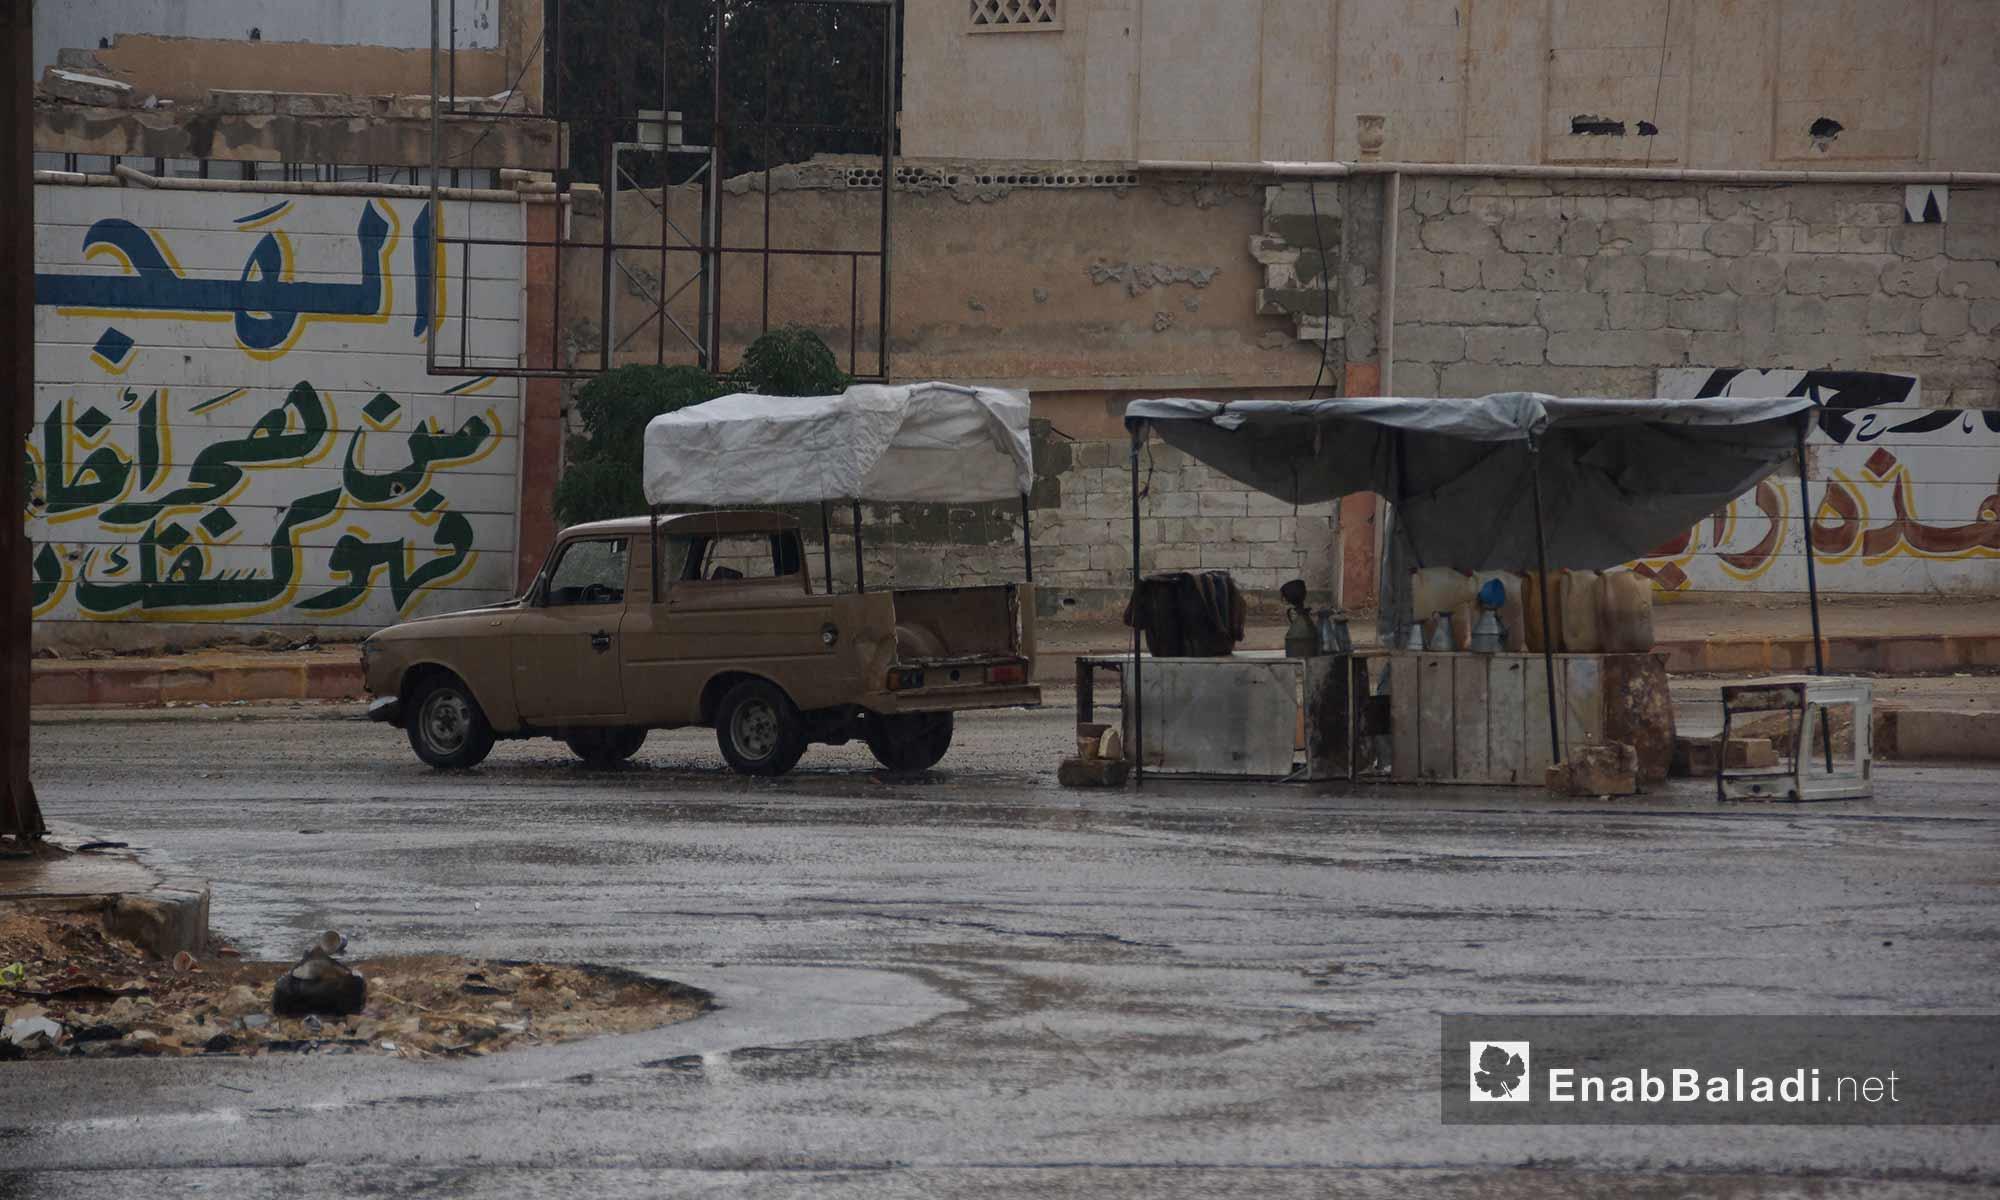 سيارة تسير تحت المطر في مدينة إدلب - 9 تشرين الأول 2017 (عنب بلدي)